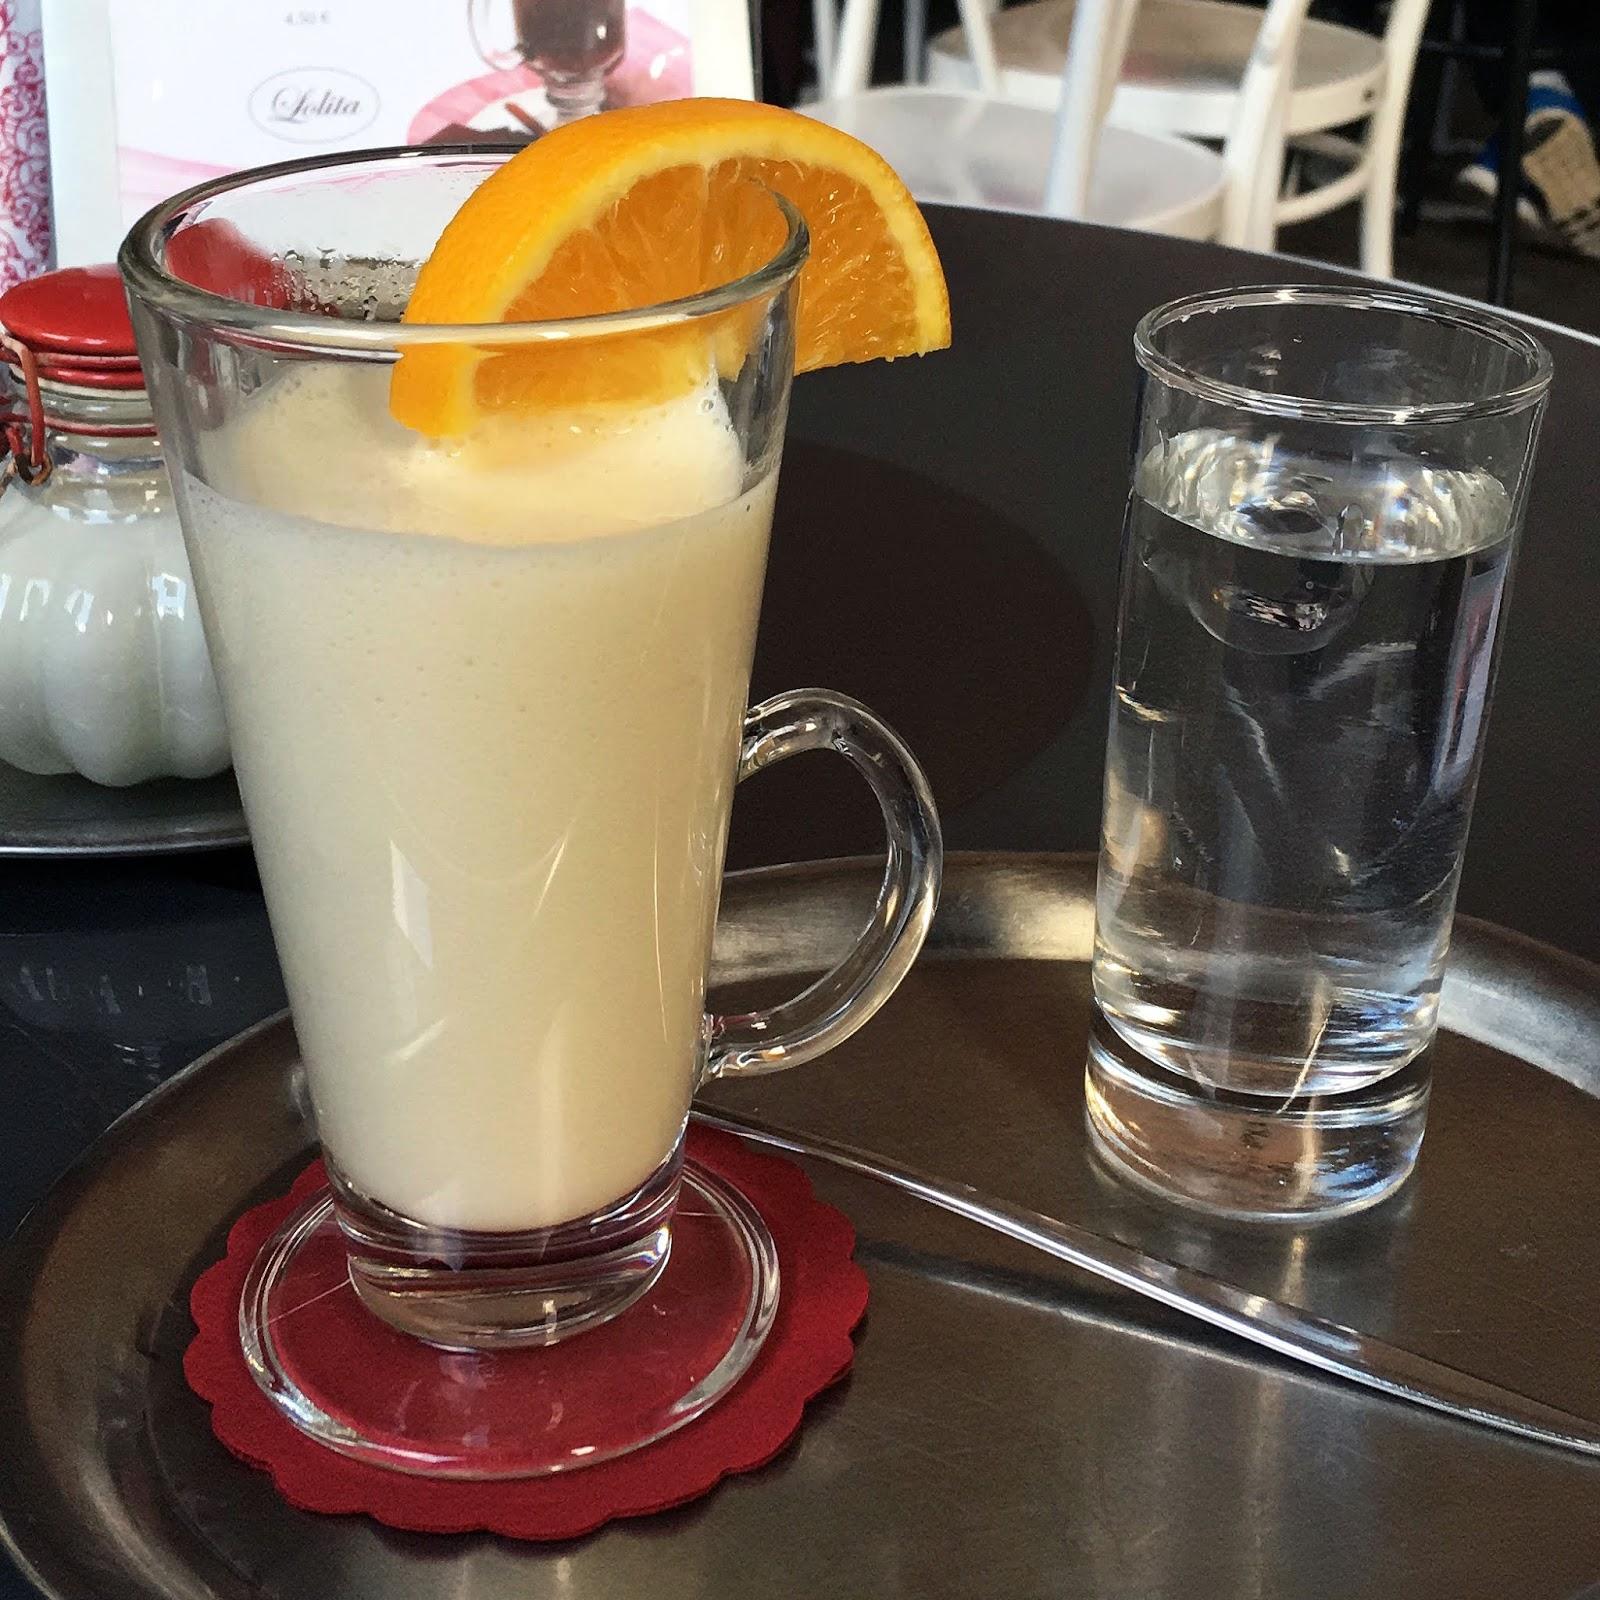 White Hot Chocolate at Lolita tearoom in Ljubljana, Slovenia